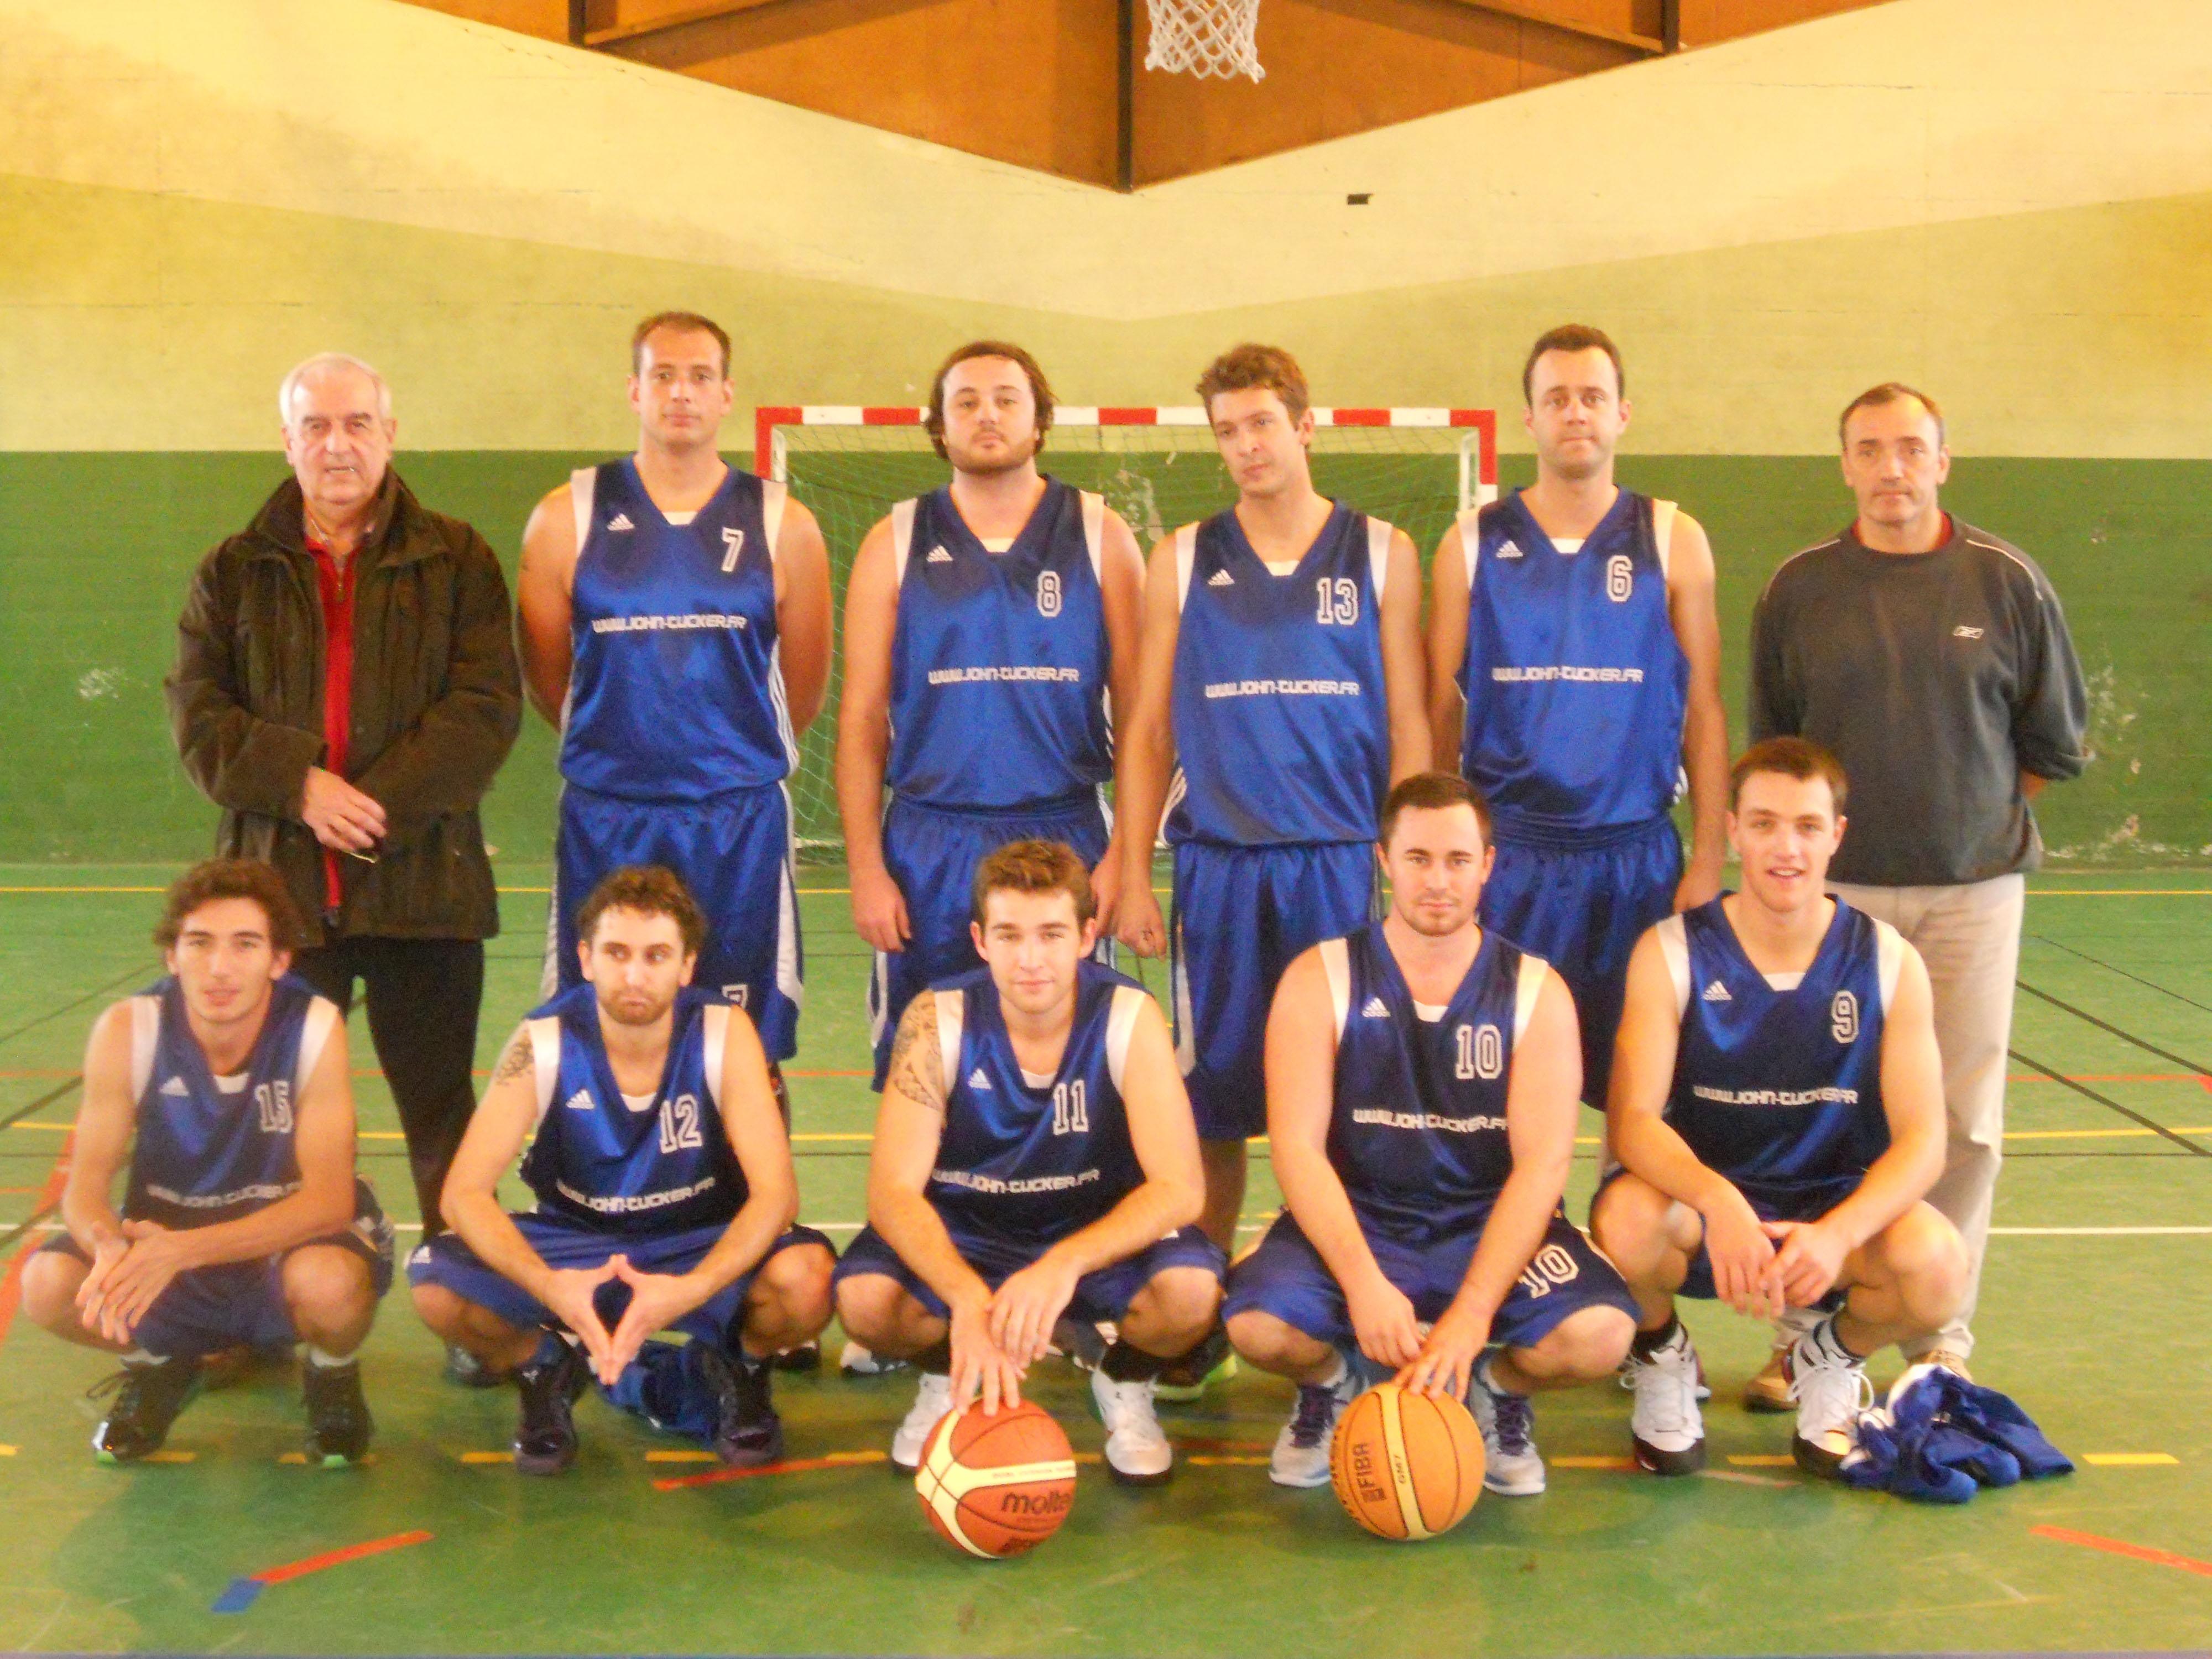 Vive Encyclopédique De Mémoire Histoire Du Roc Basket C xnRwnOvFq